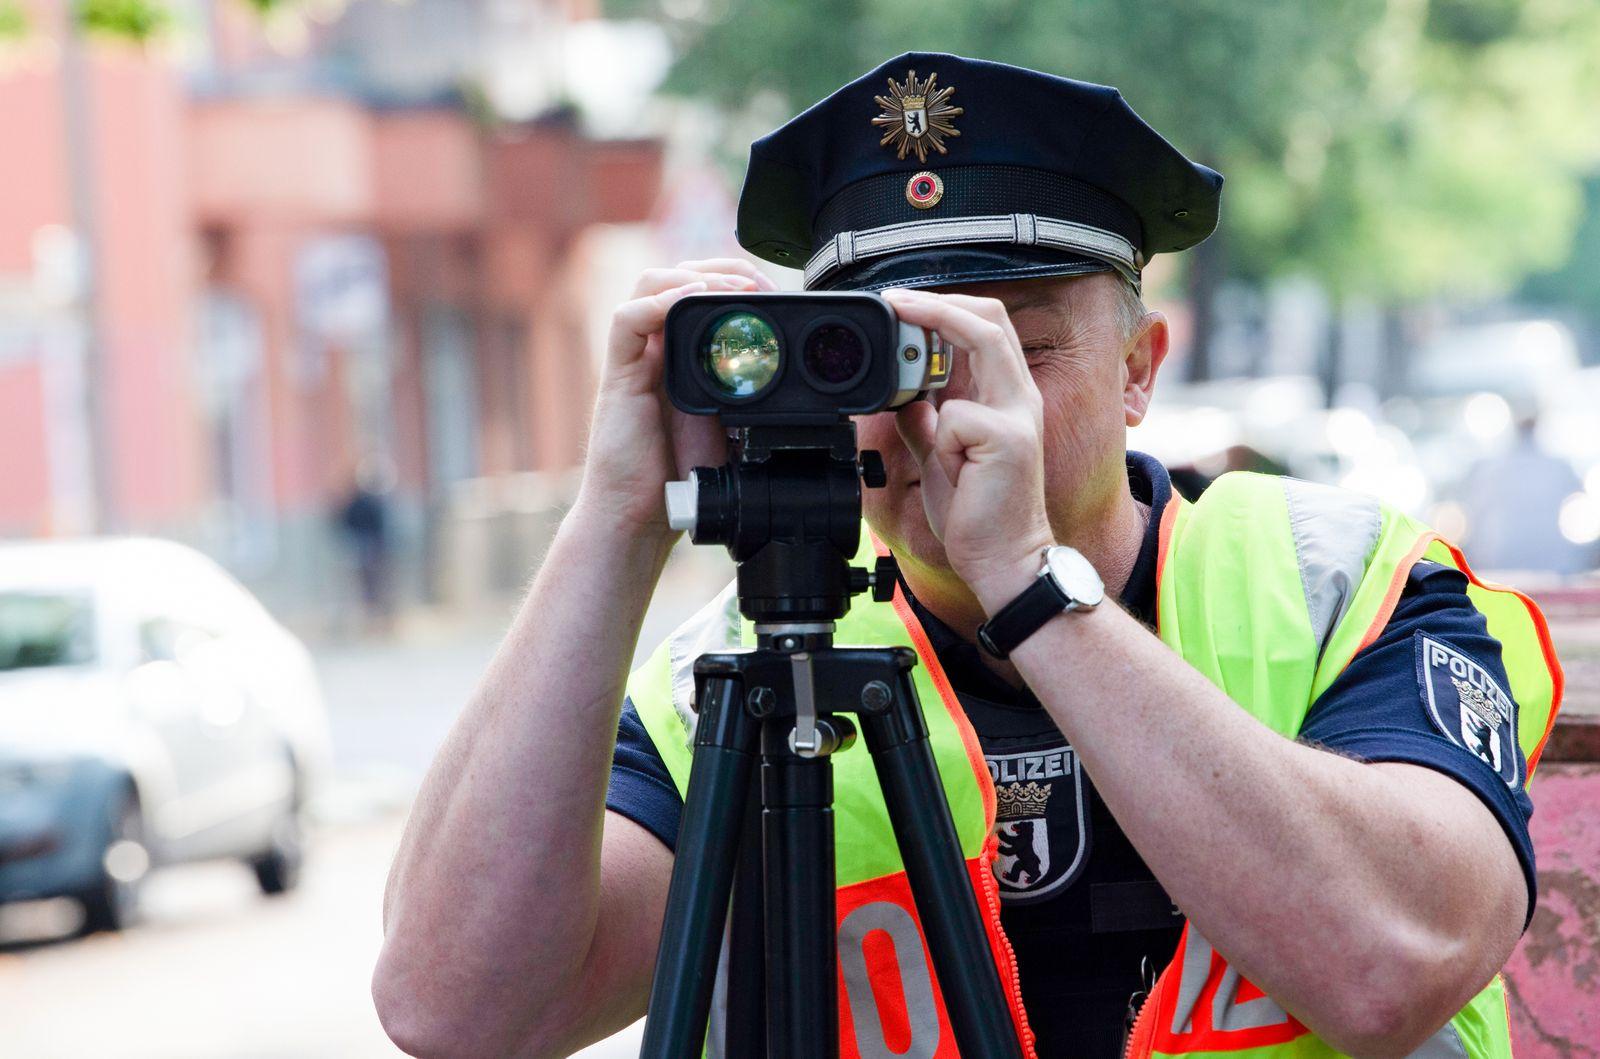 Schulbeginn - Stadtweite polizeiliche